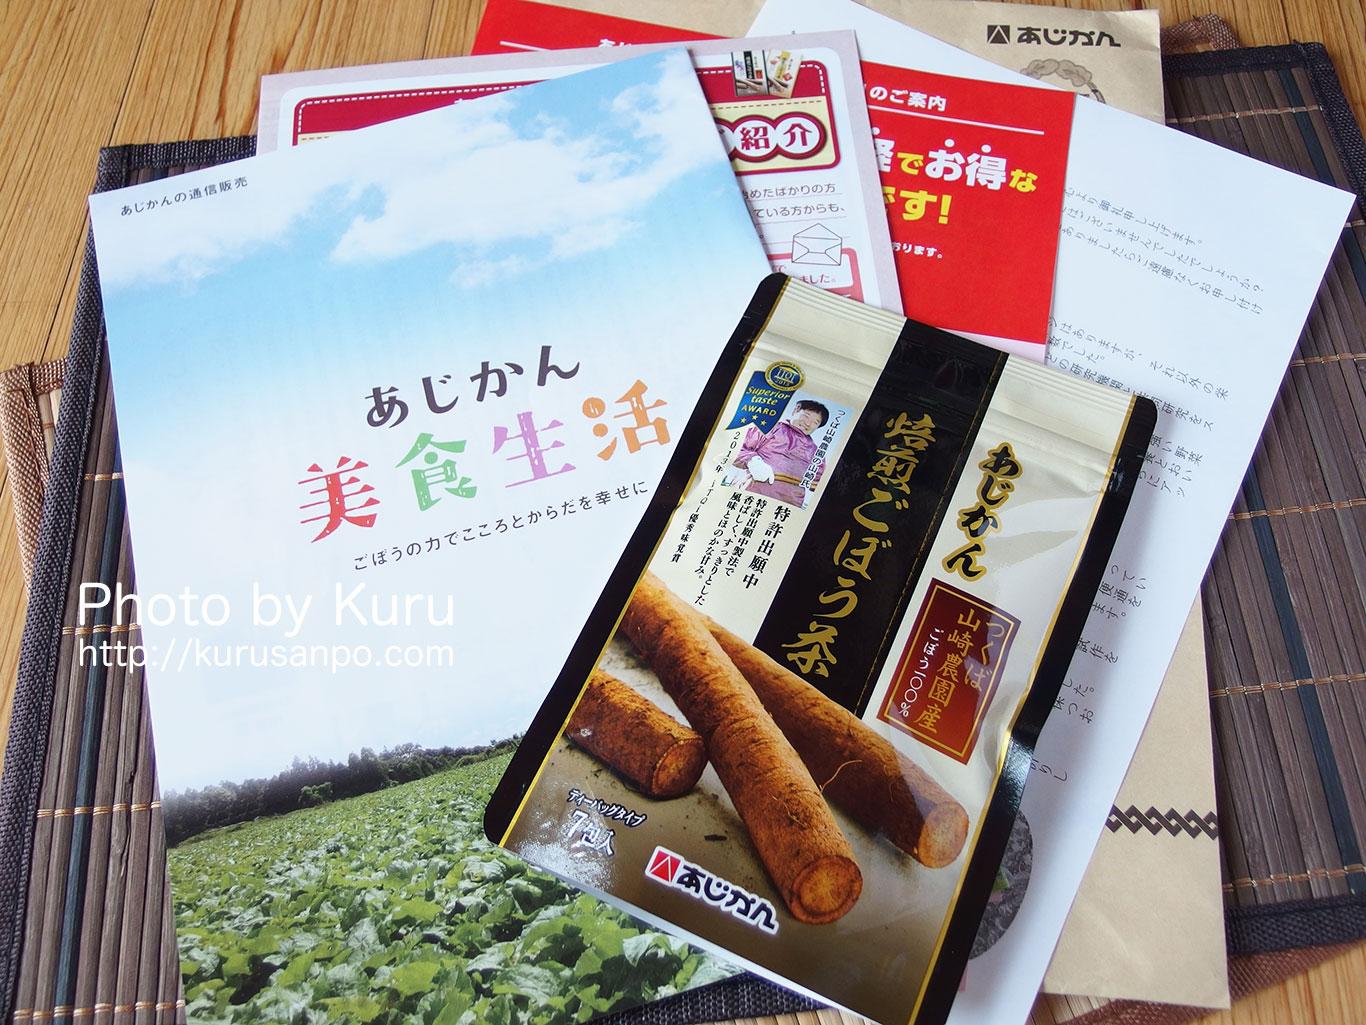 南雲吉則先生監修、山﨑農園産ごぼう100%の『あじかん 焙煎ごぼう茶』が美味しかった!